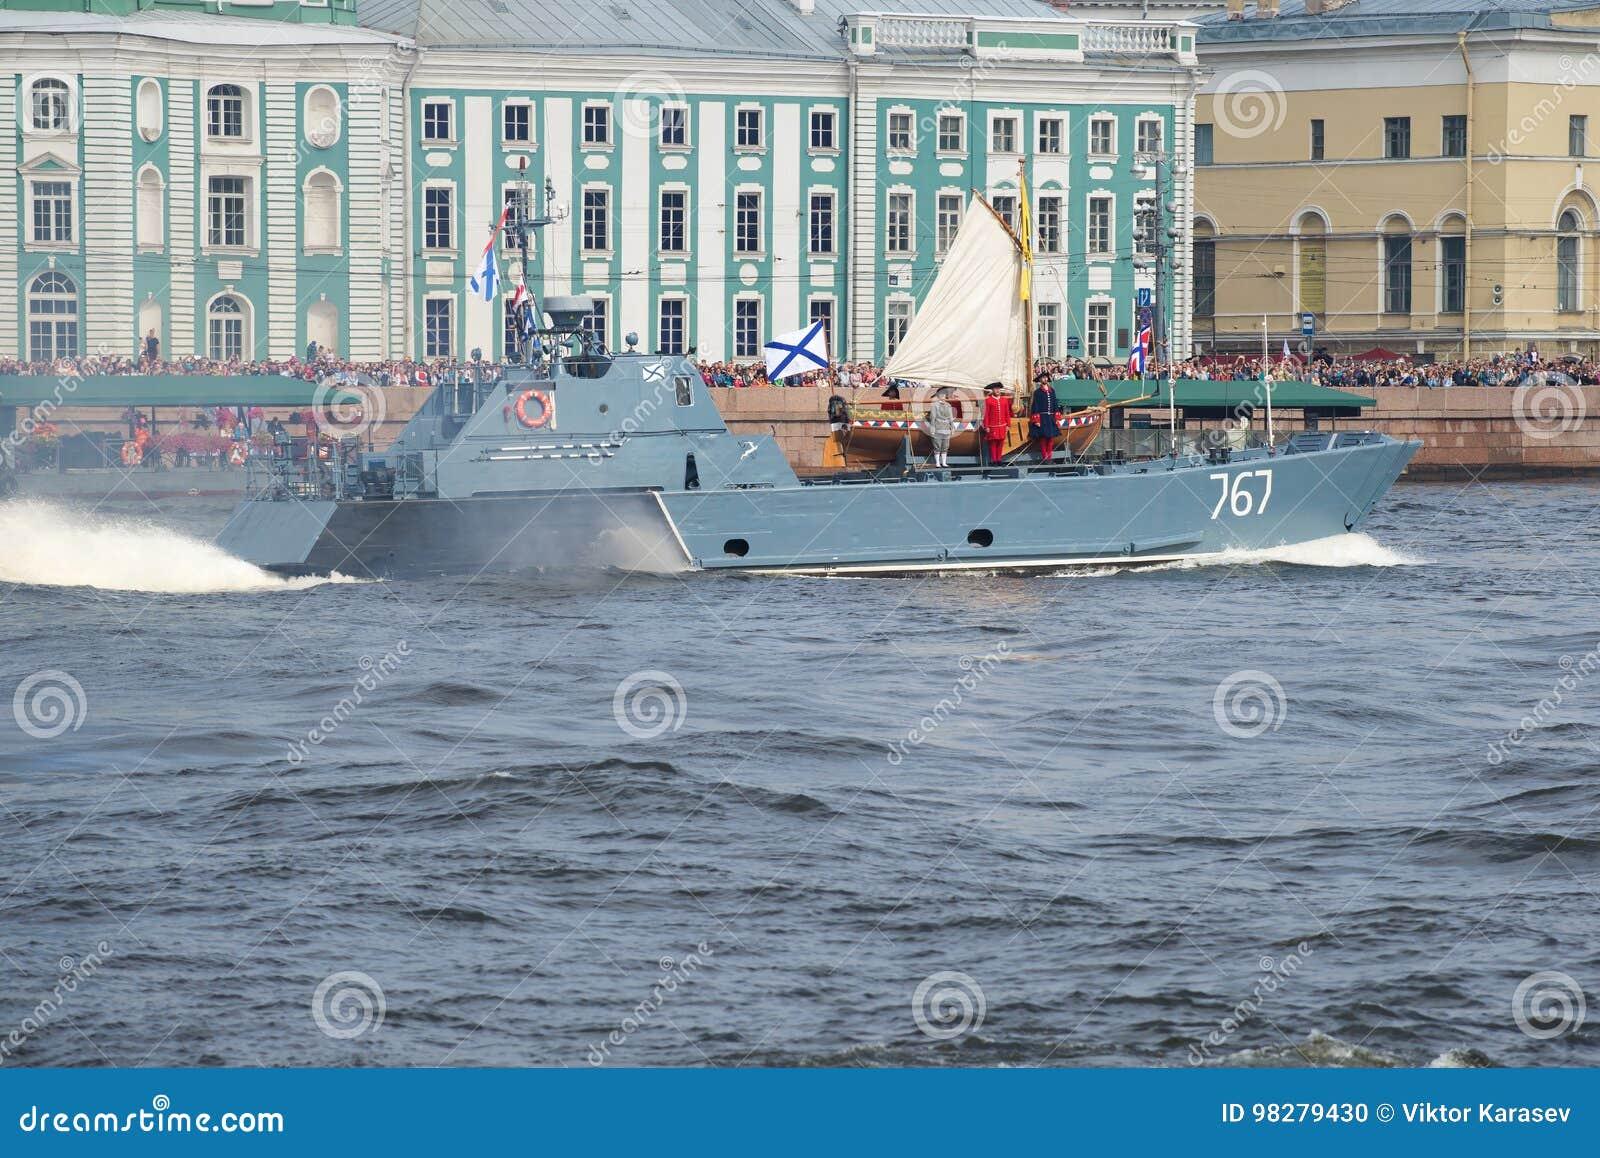 Ett litet amfibiskt fartyg D-67 det Serna projektet transporteras av fartyget av Peter det stort